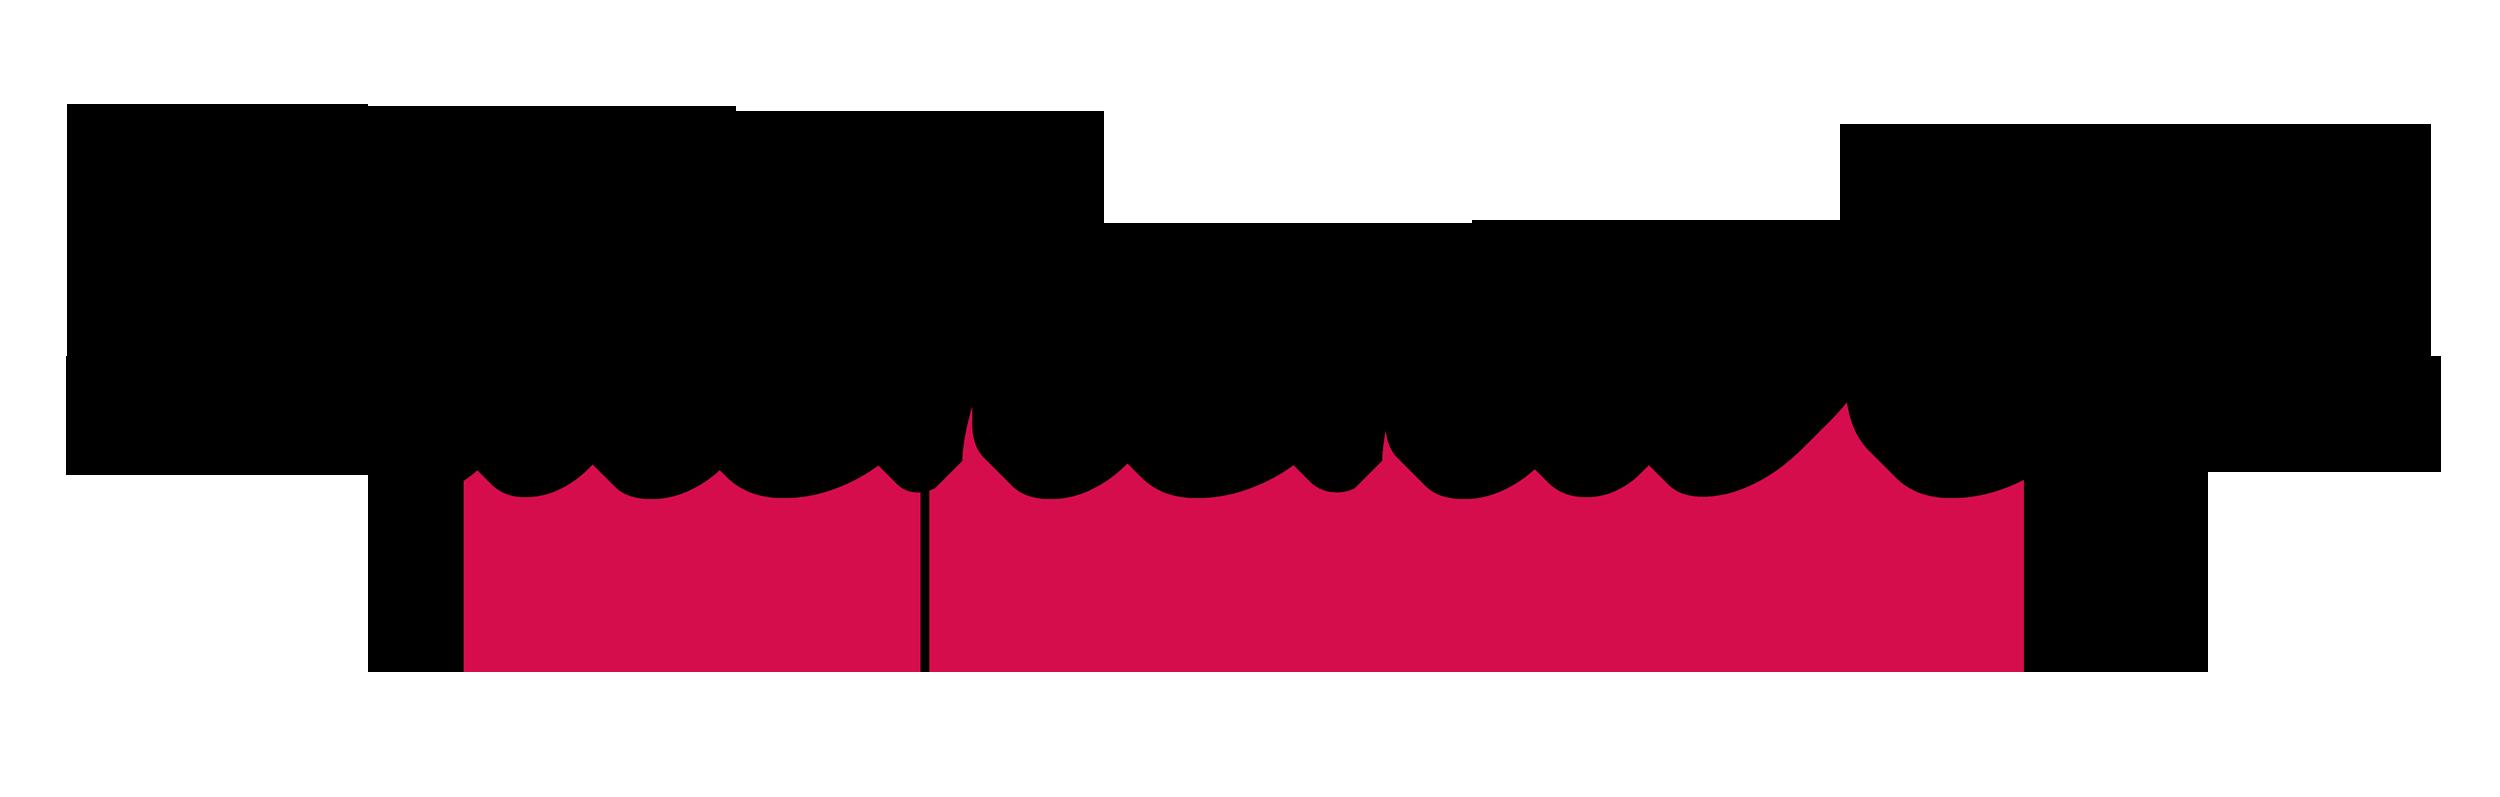 Kuchenwelt - Mein Backzubehör-Logo